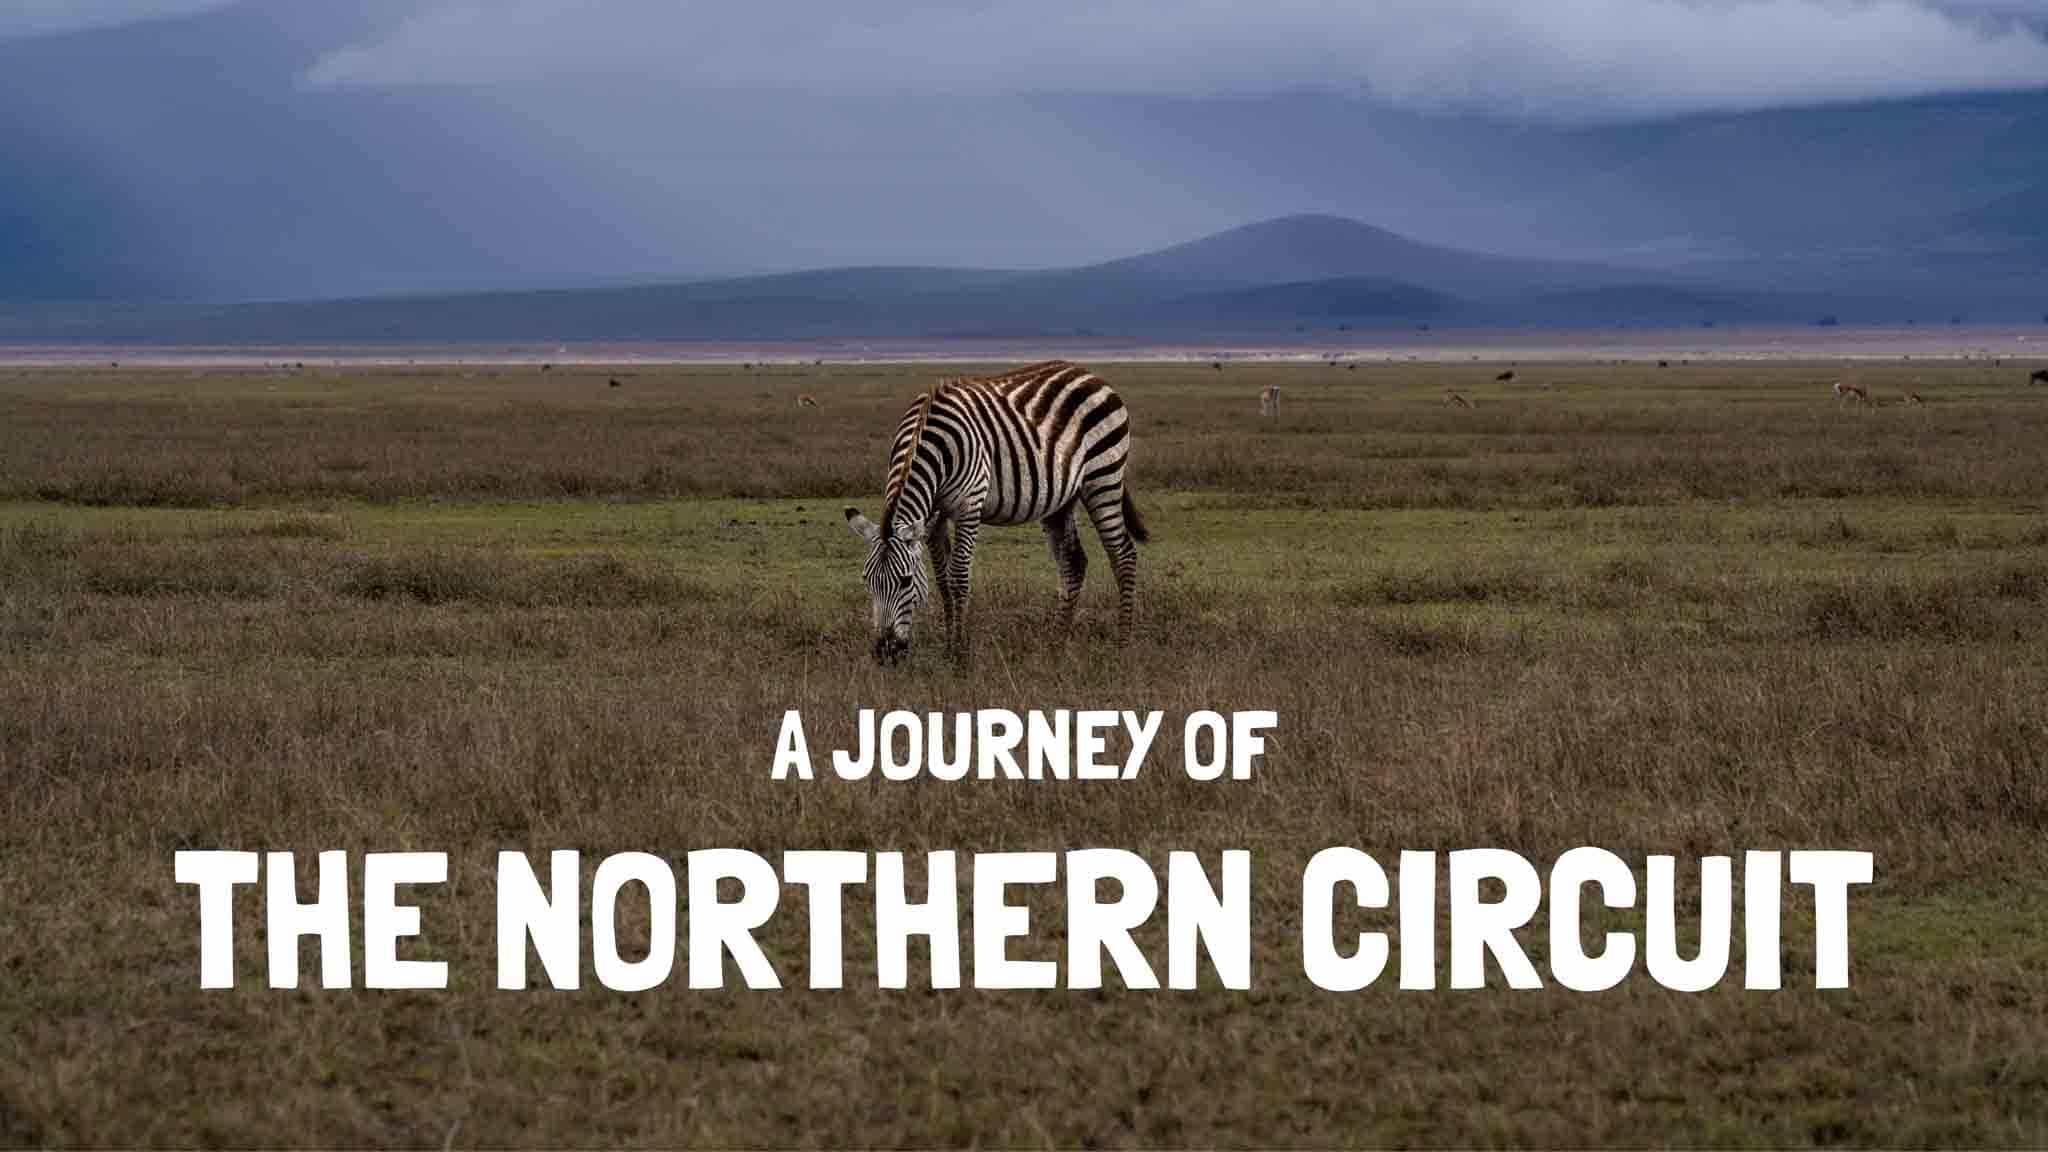 northern circuit safari tanzania